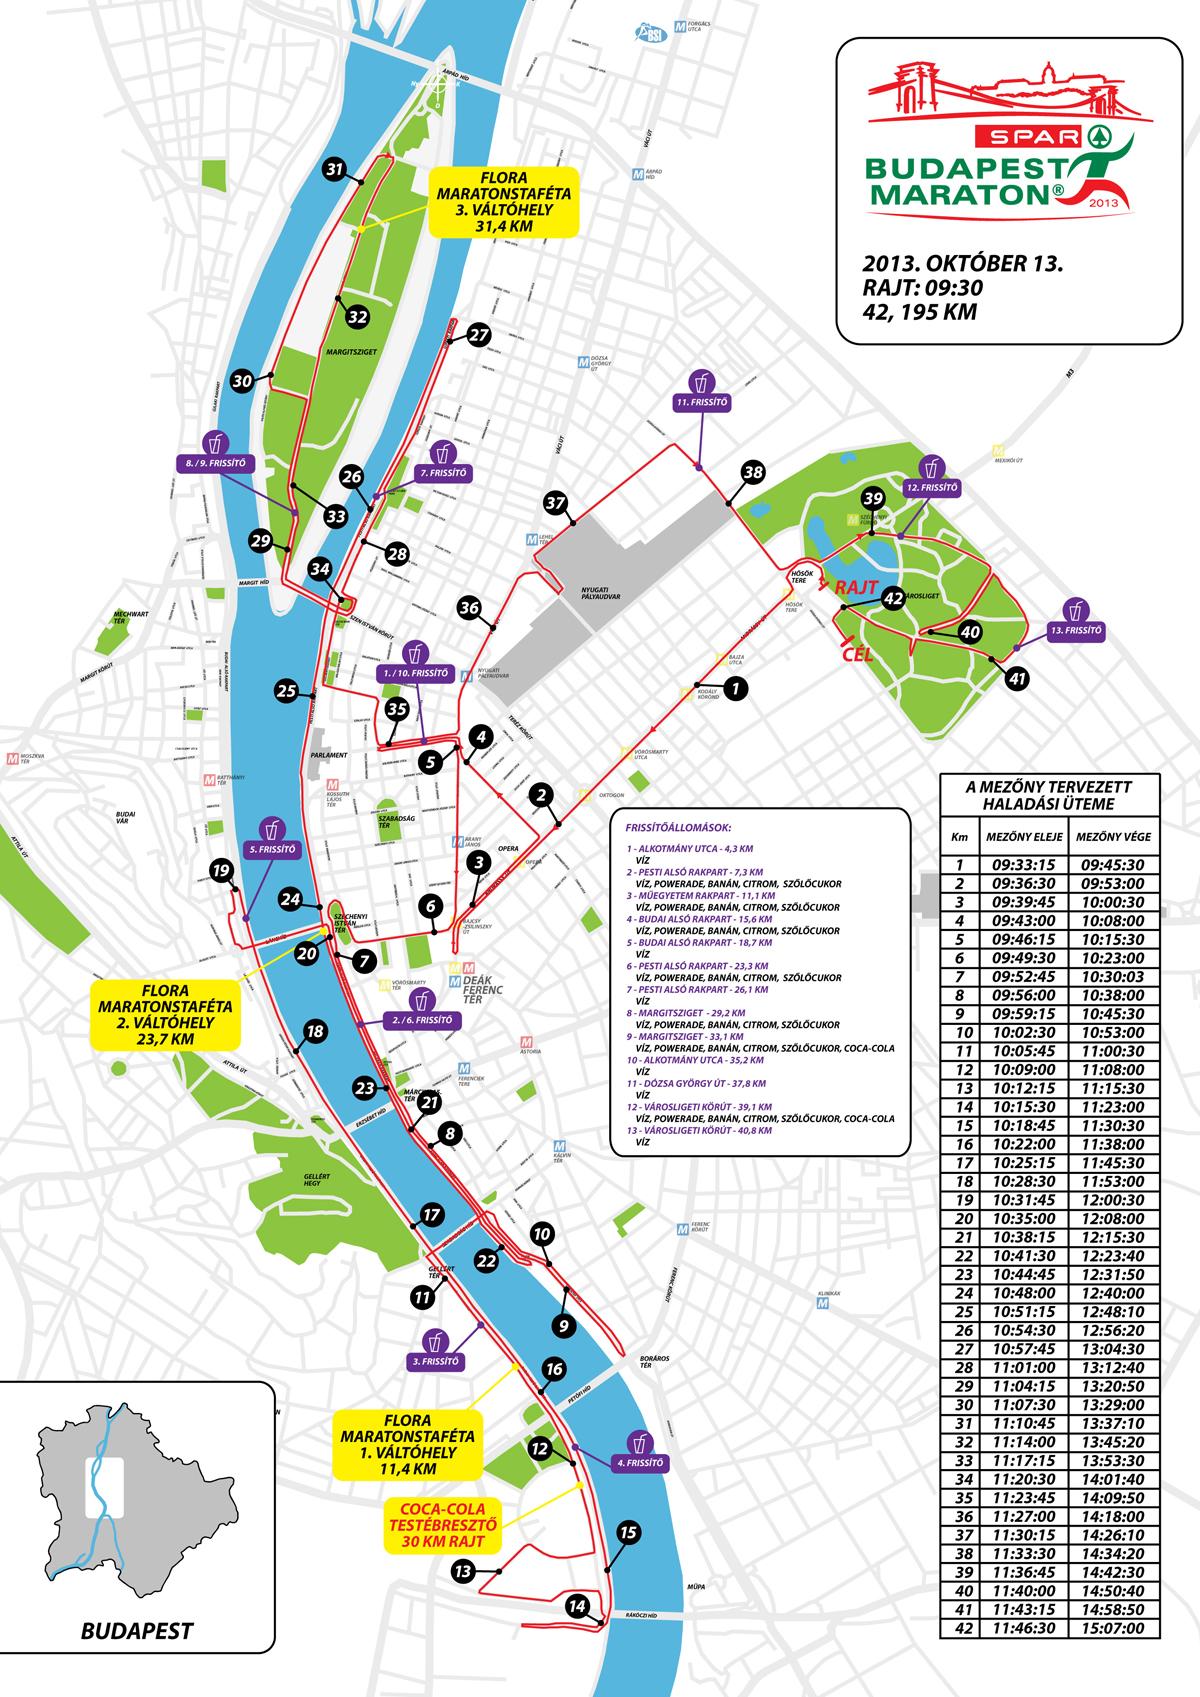 budapest útvonal térkép 28. Spar Budapest Maraton 2013 Térképek   Futanet.hu budapest útvonal térkép